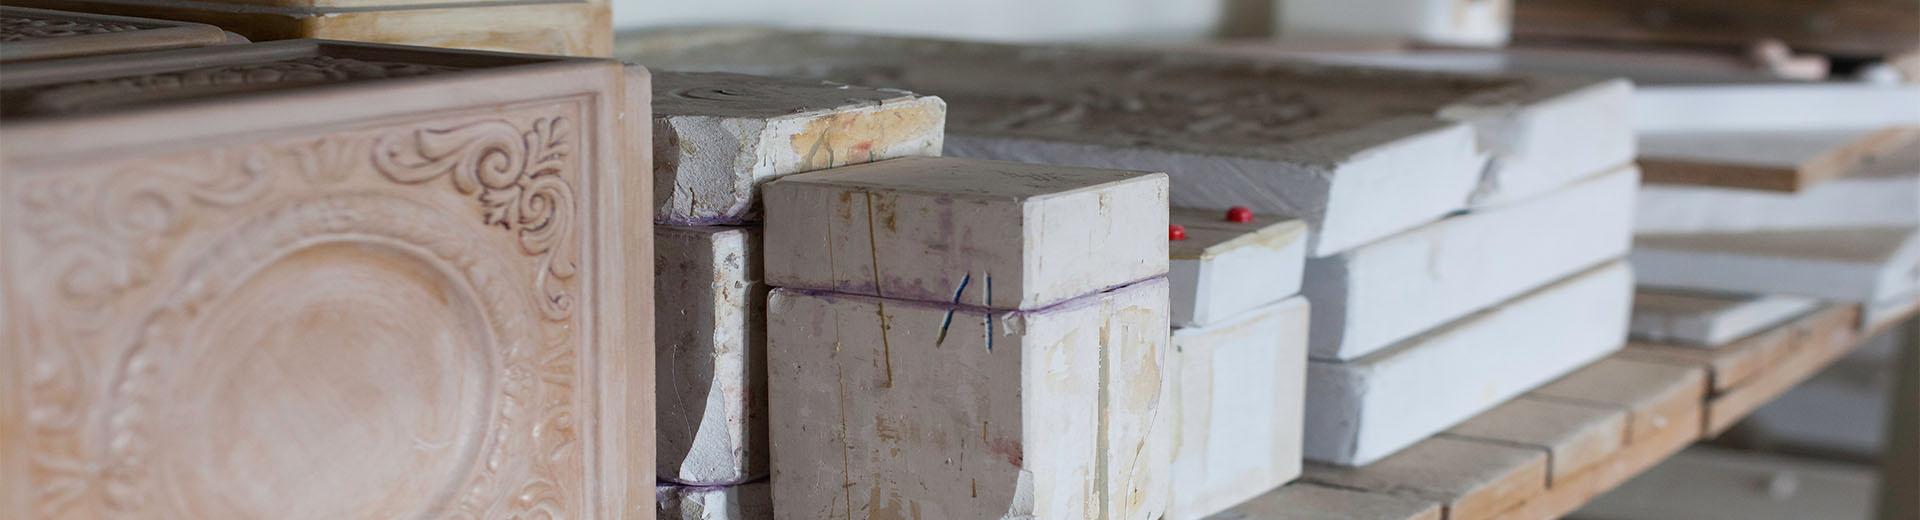 Baukeramik architectura terracotta